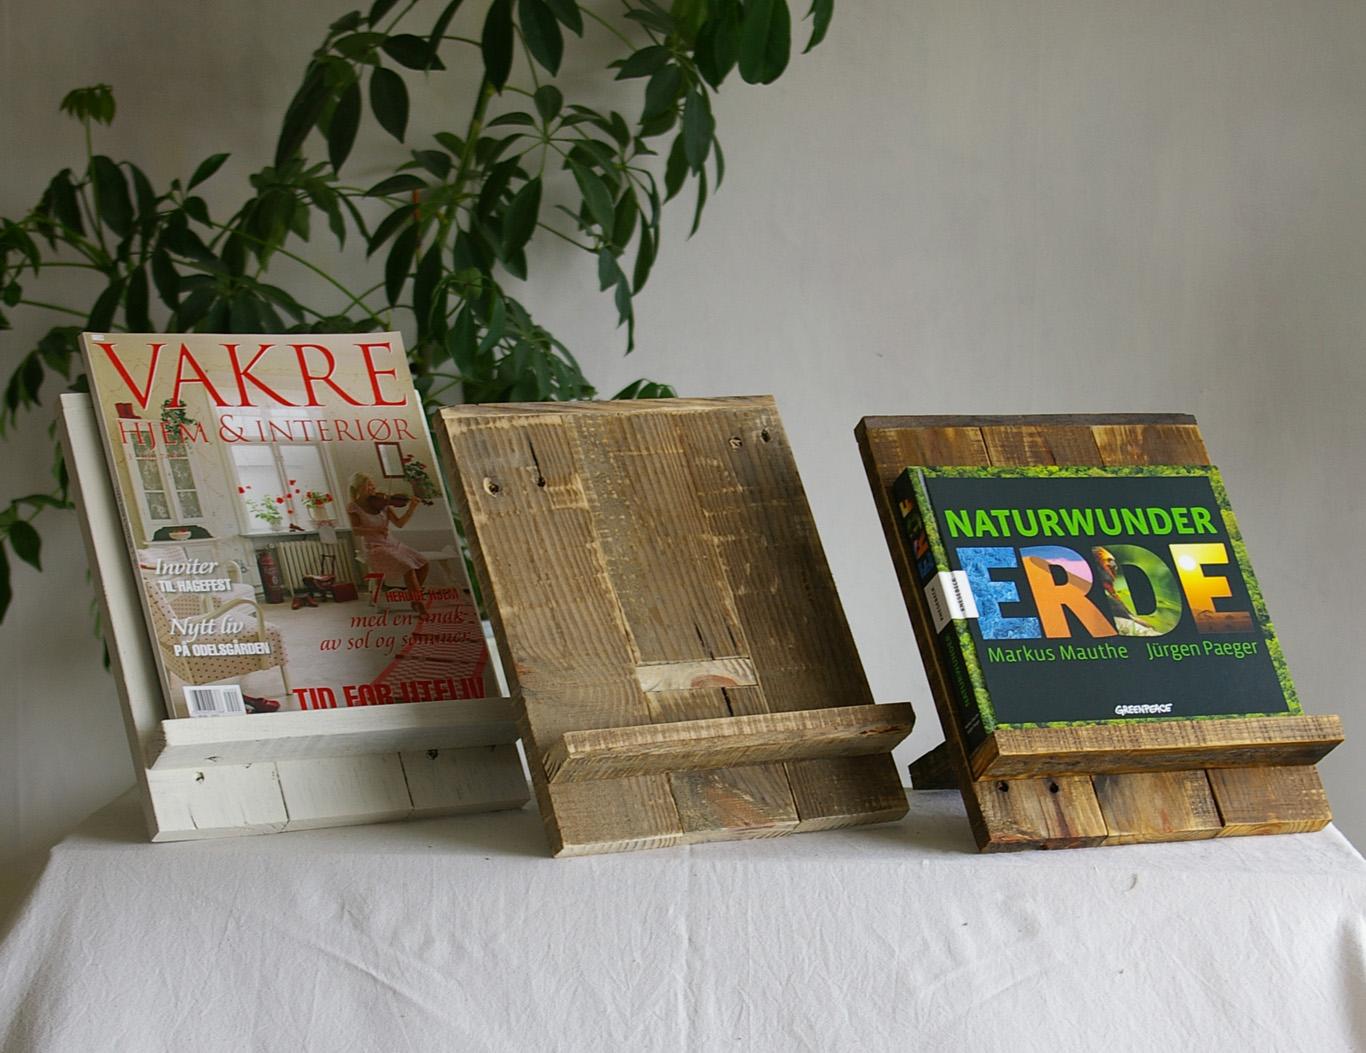 buchst tzen aus palettenholz und steine als deko material recyclingkunst und der versuch. Black Bedroom Furniture Sets. Home Design Ideas